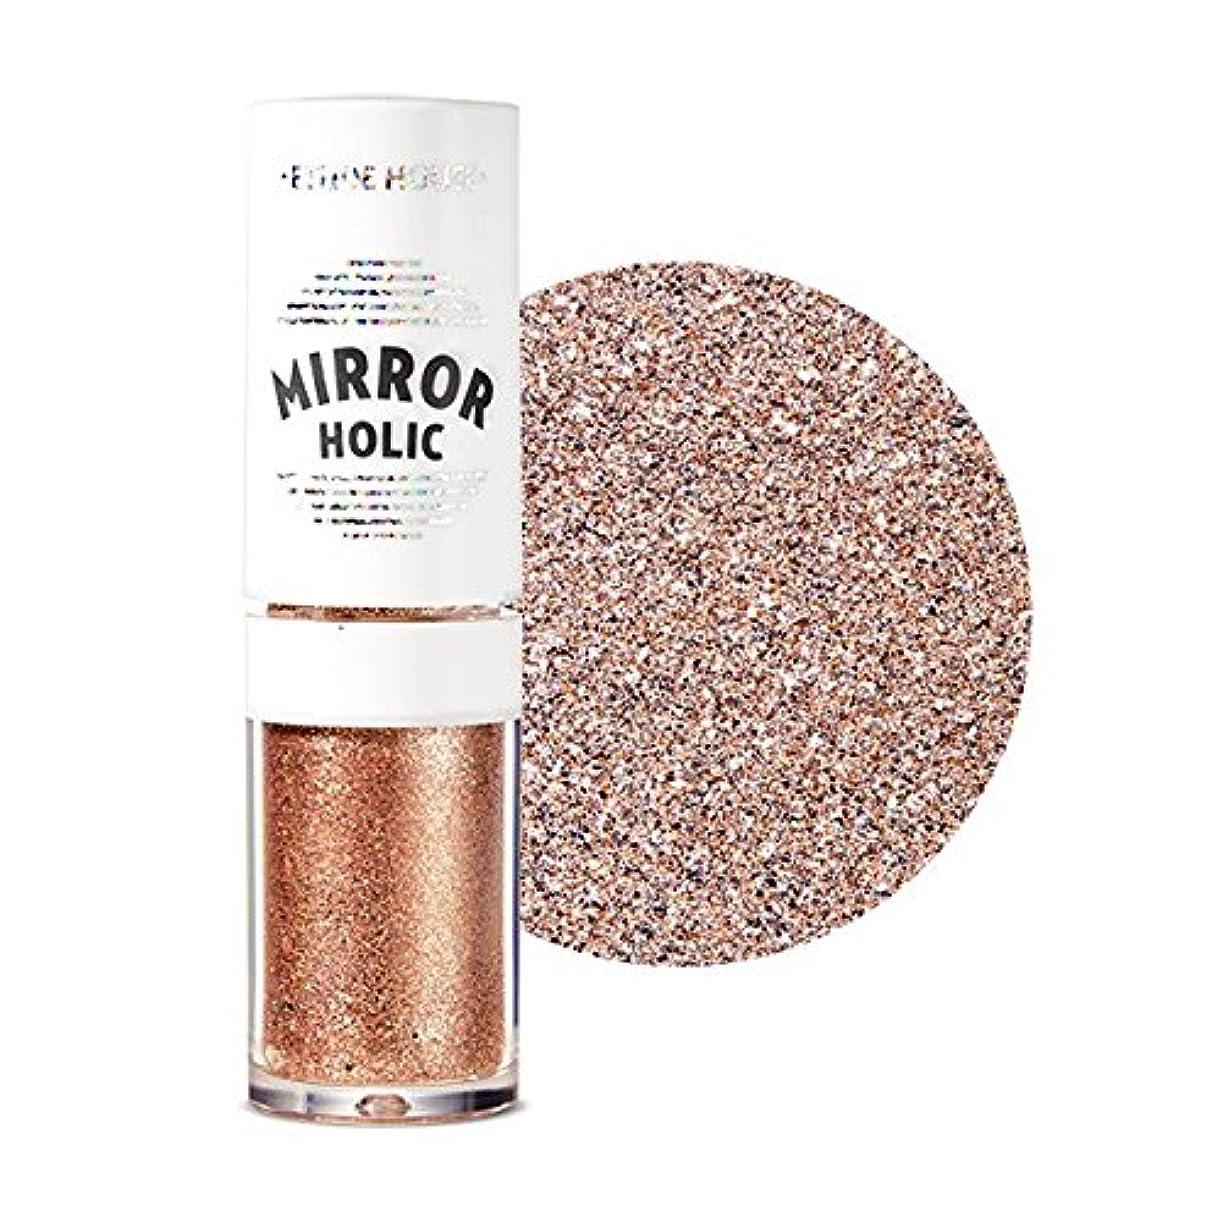 大聖堂摂氏治世ETUDE HOUSE Mirror Holic Liquid Eyes / エチュードハウス ミラーホリックリキッドアイズ ミラーホリックリキッドアイズ (PK002) [並行輸入品]